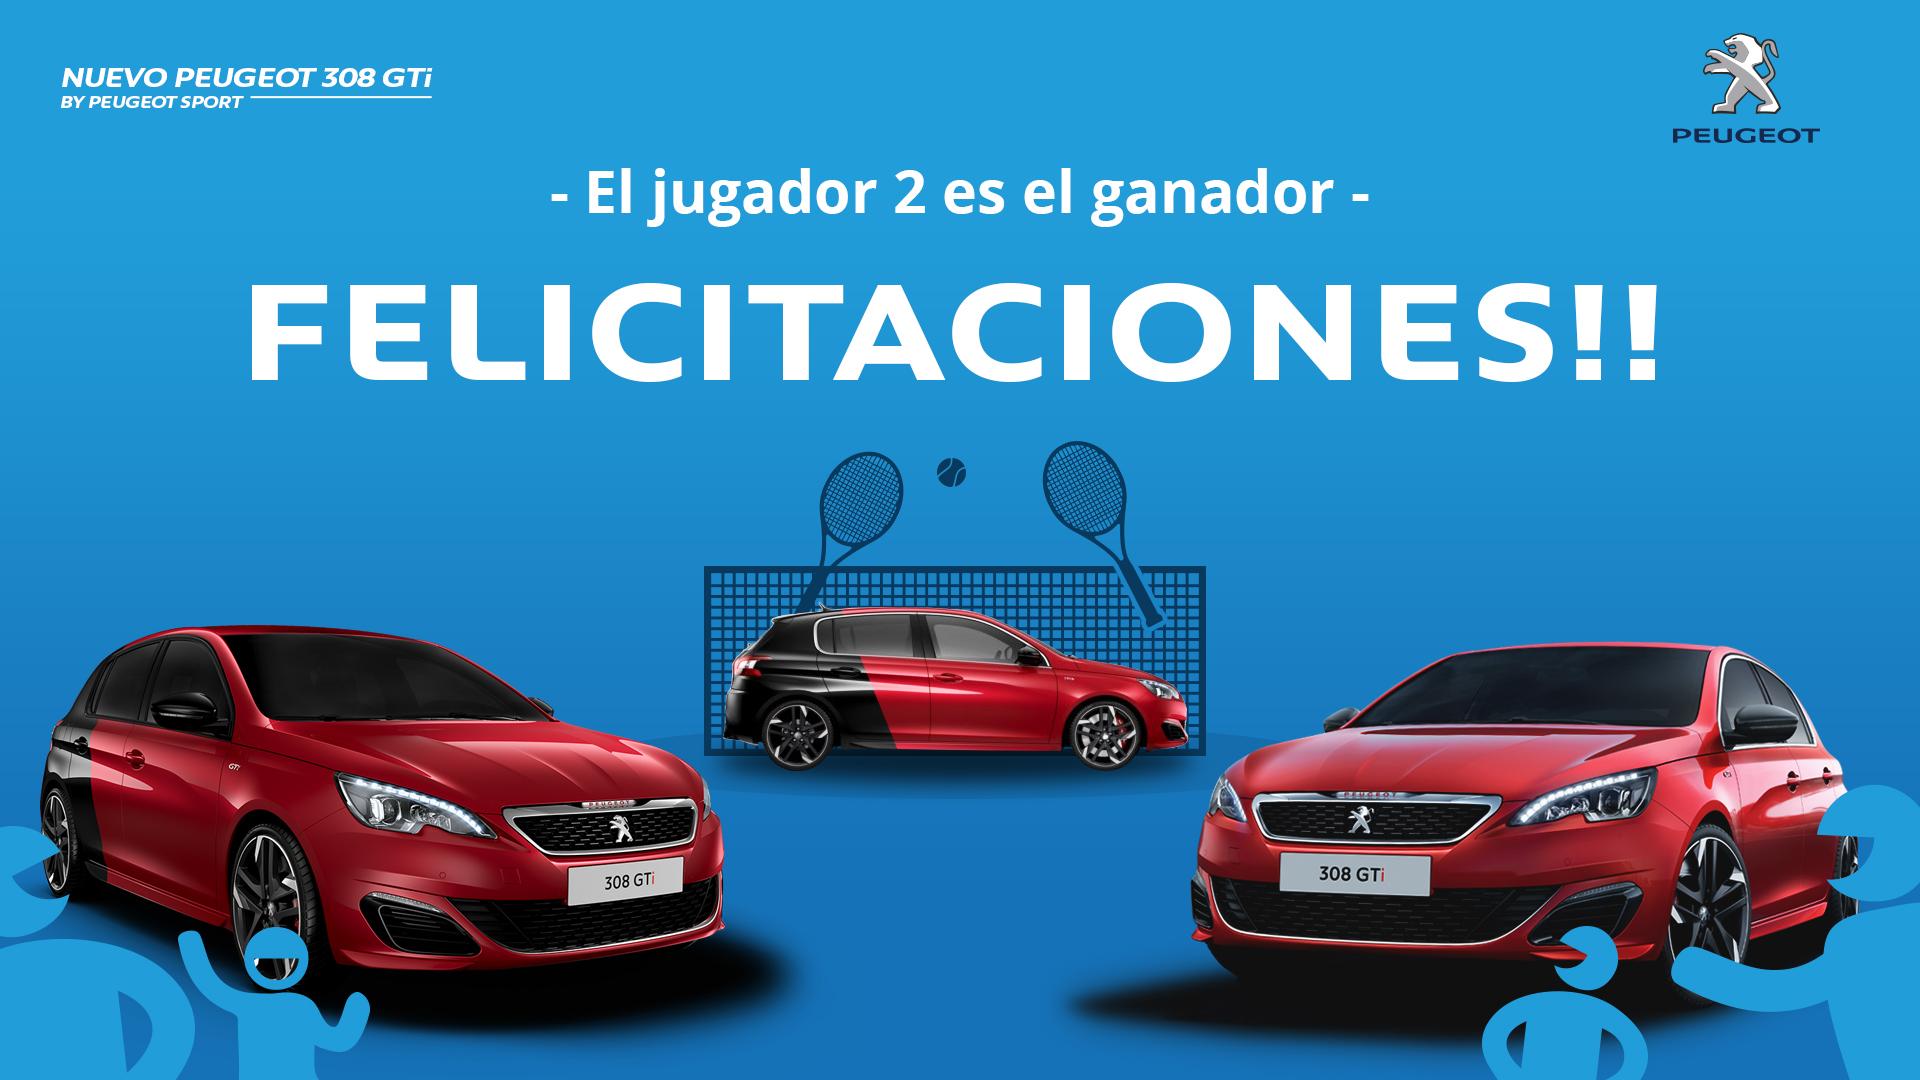 Peugeot_Ecra4_Vencedor_v3.png